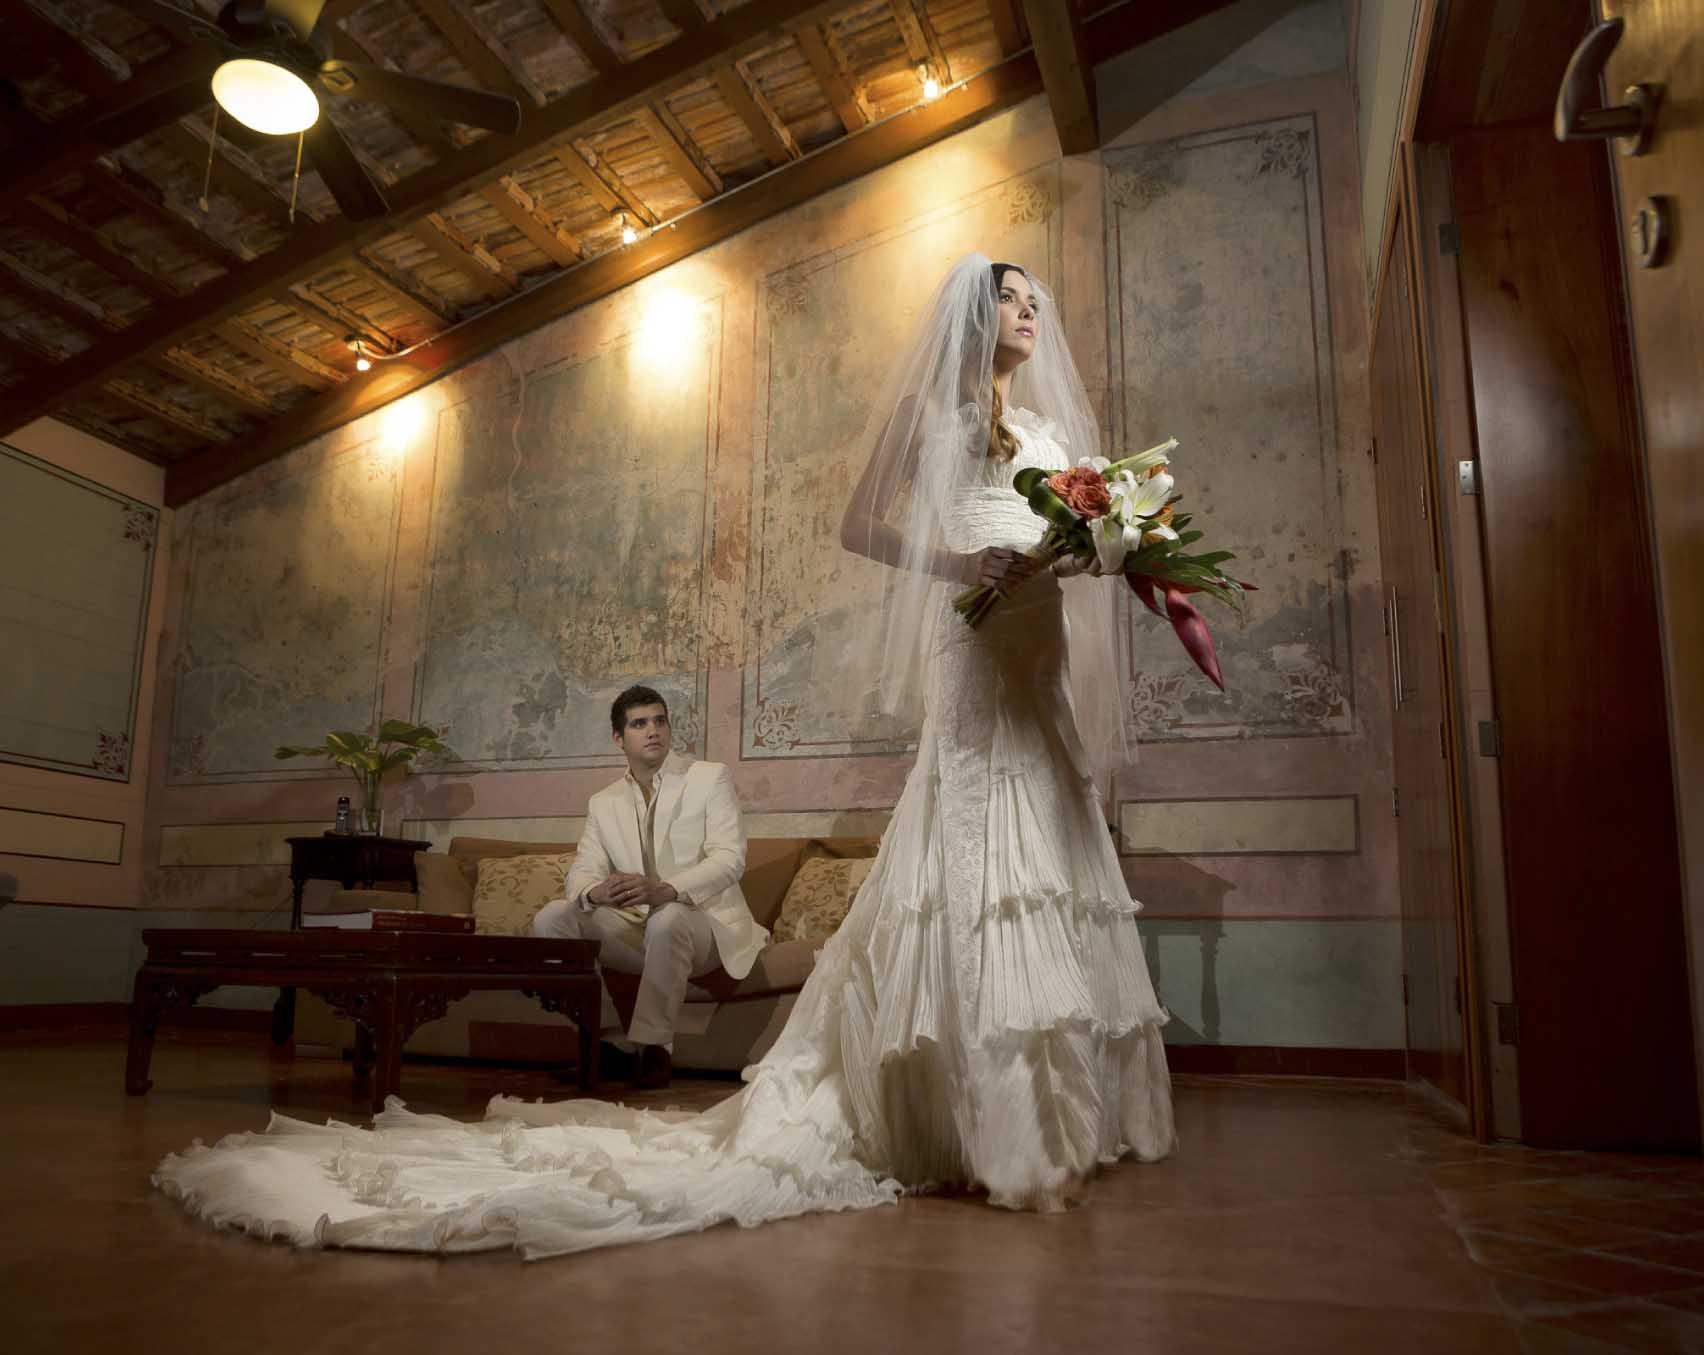 gastronomía, bellezas naturales y atractivos culturales, sino que empieza a despuntar como sitio de atracción para bodas y romance.